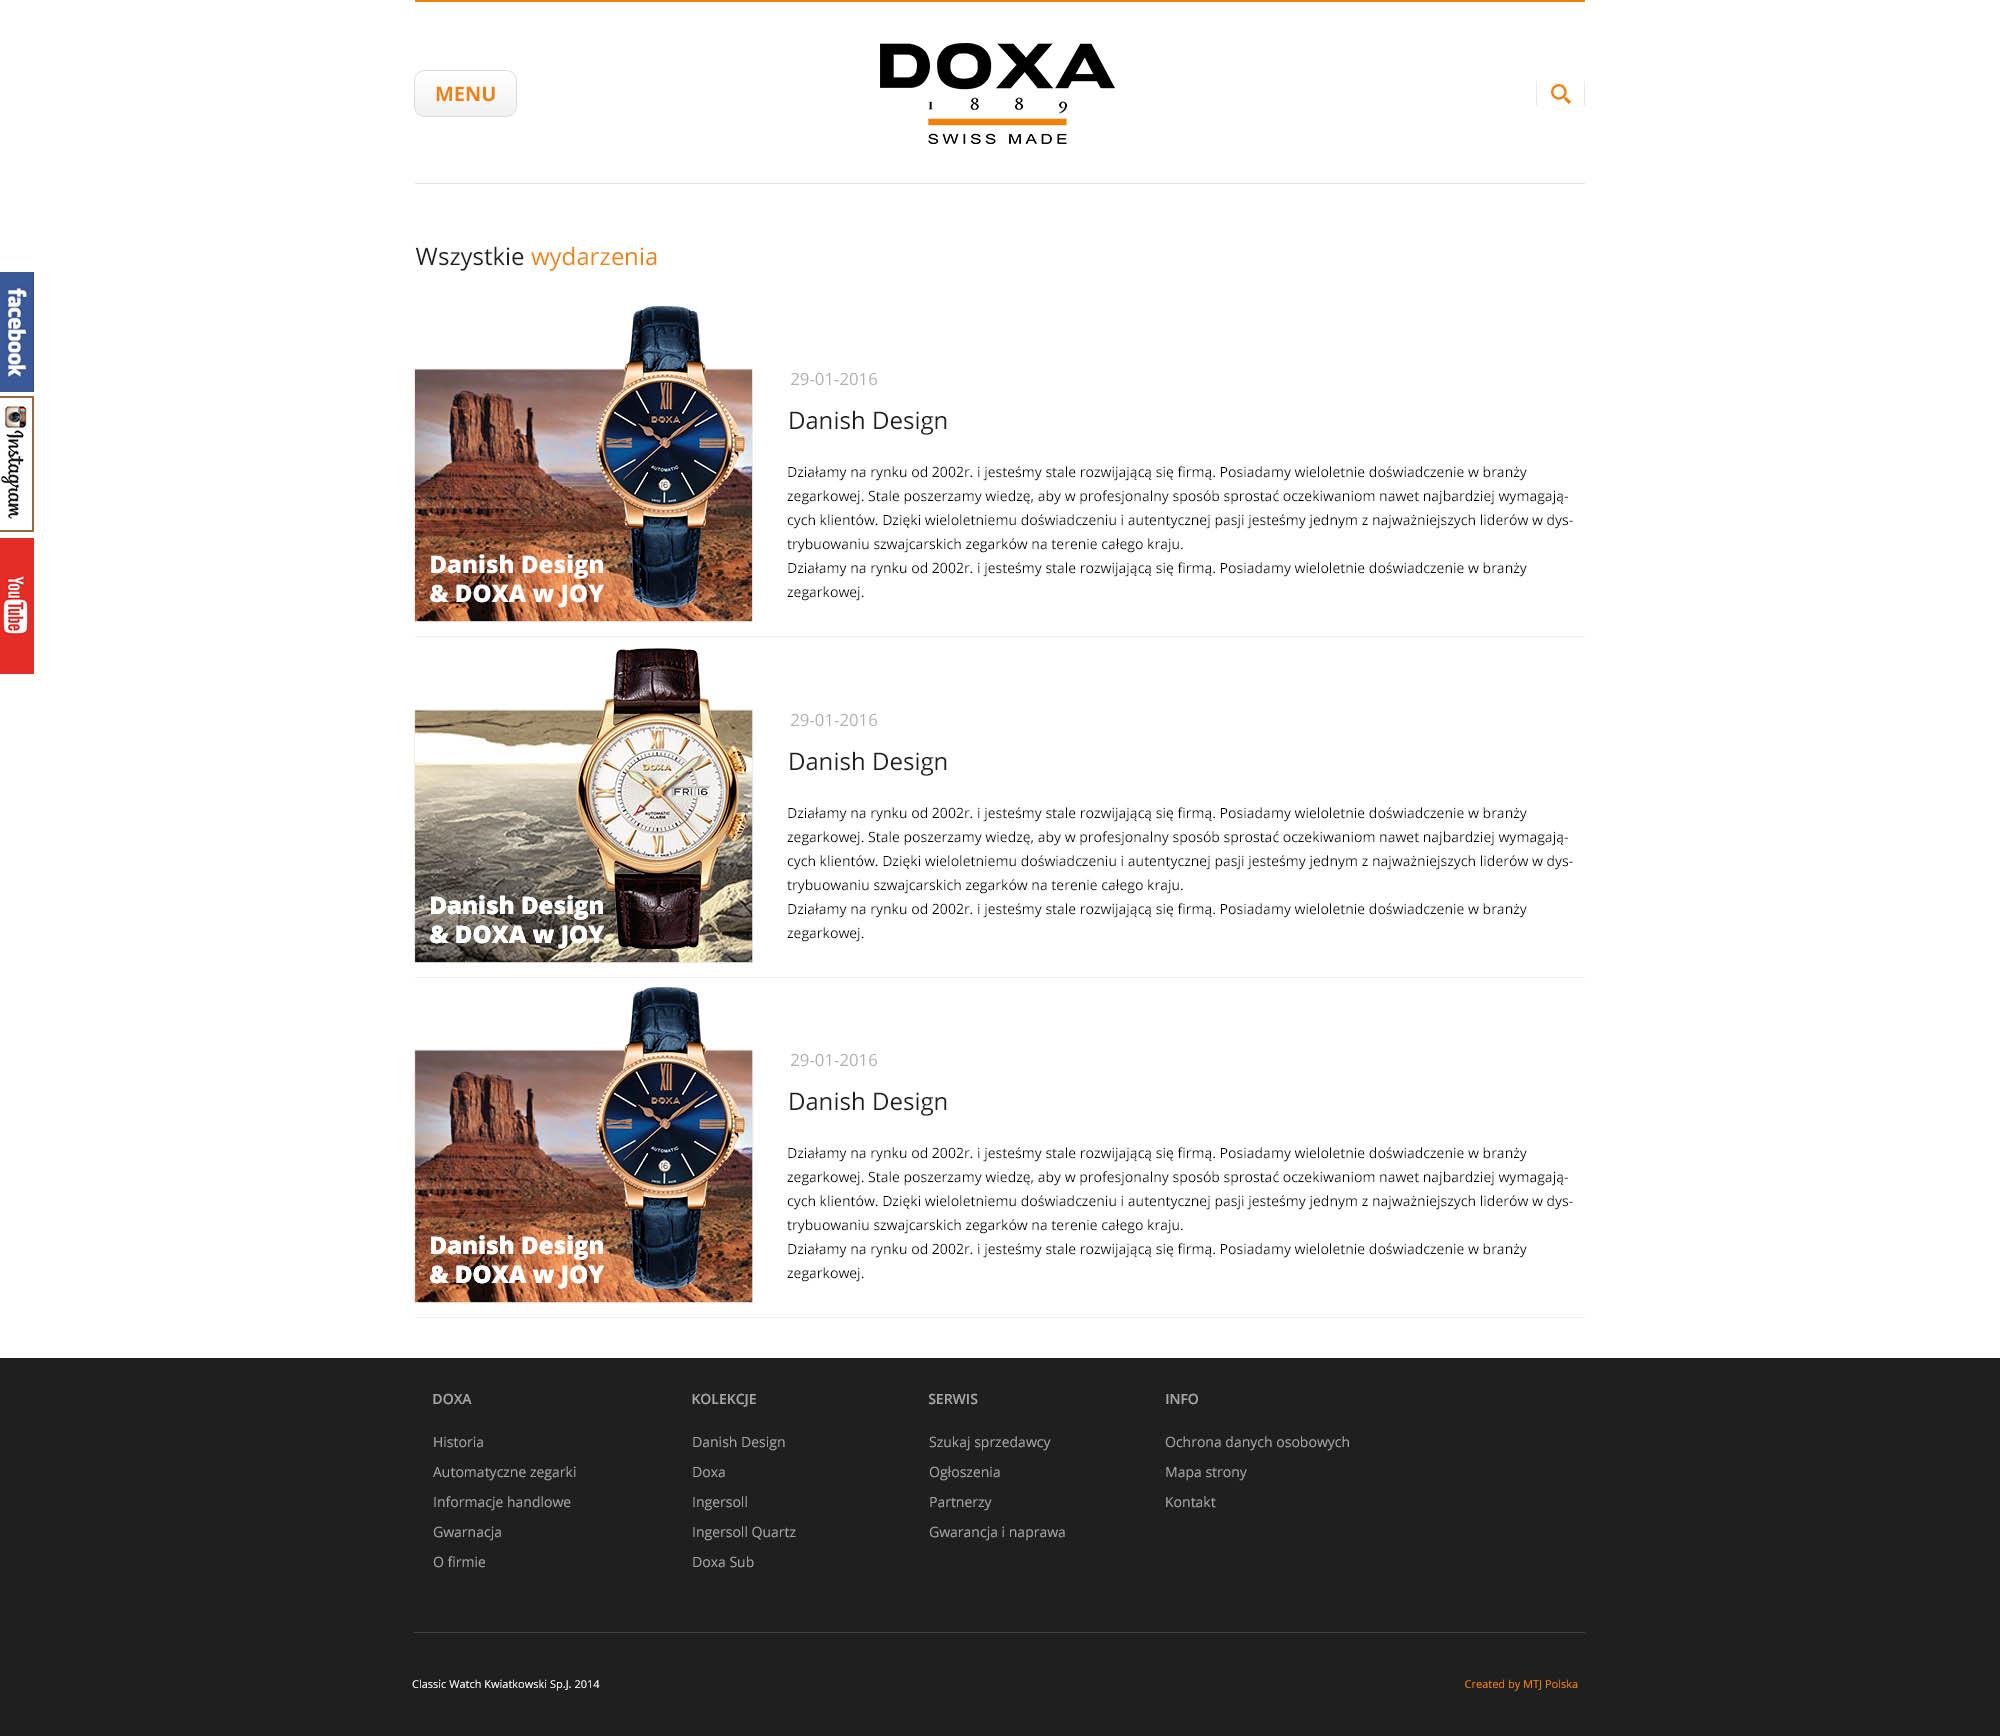 WydarzeniaWszystkie_DOXA_V01